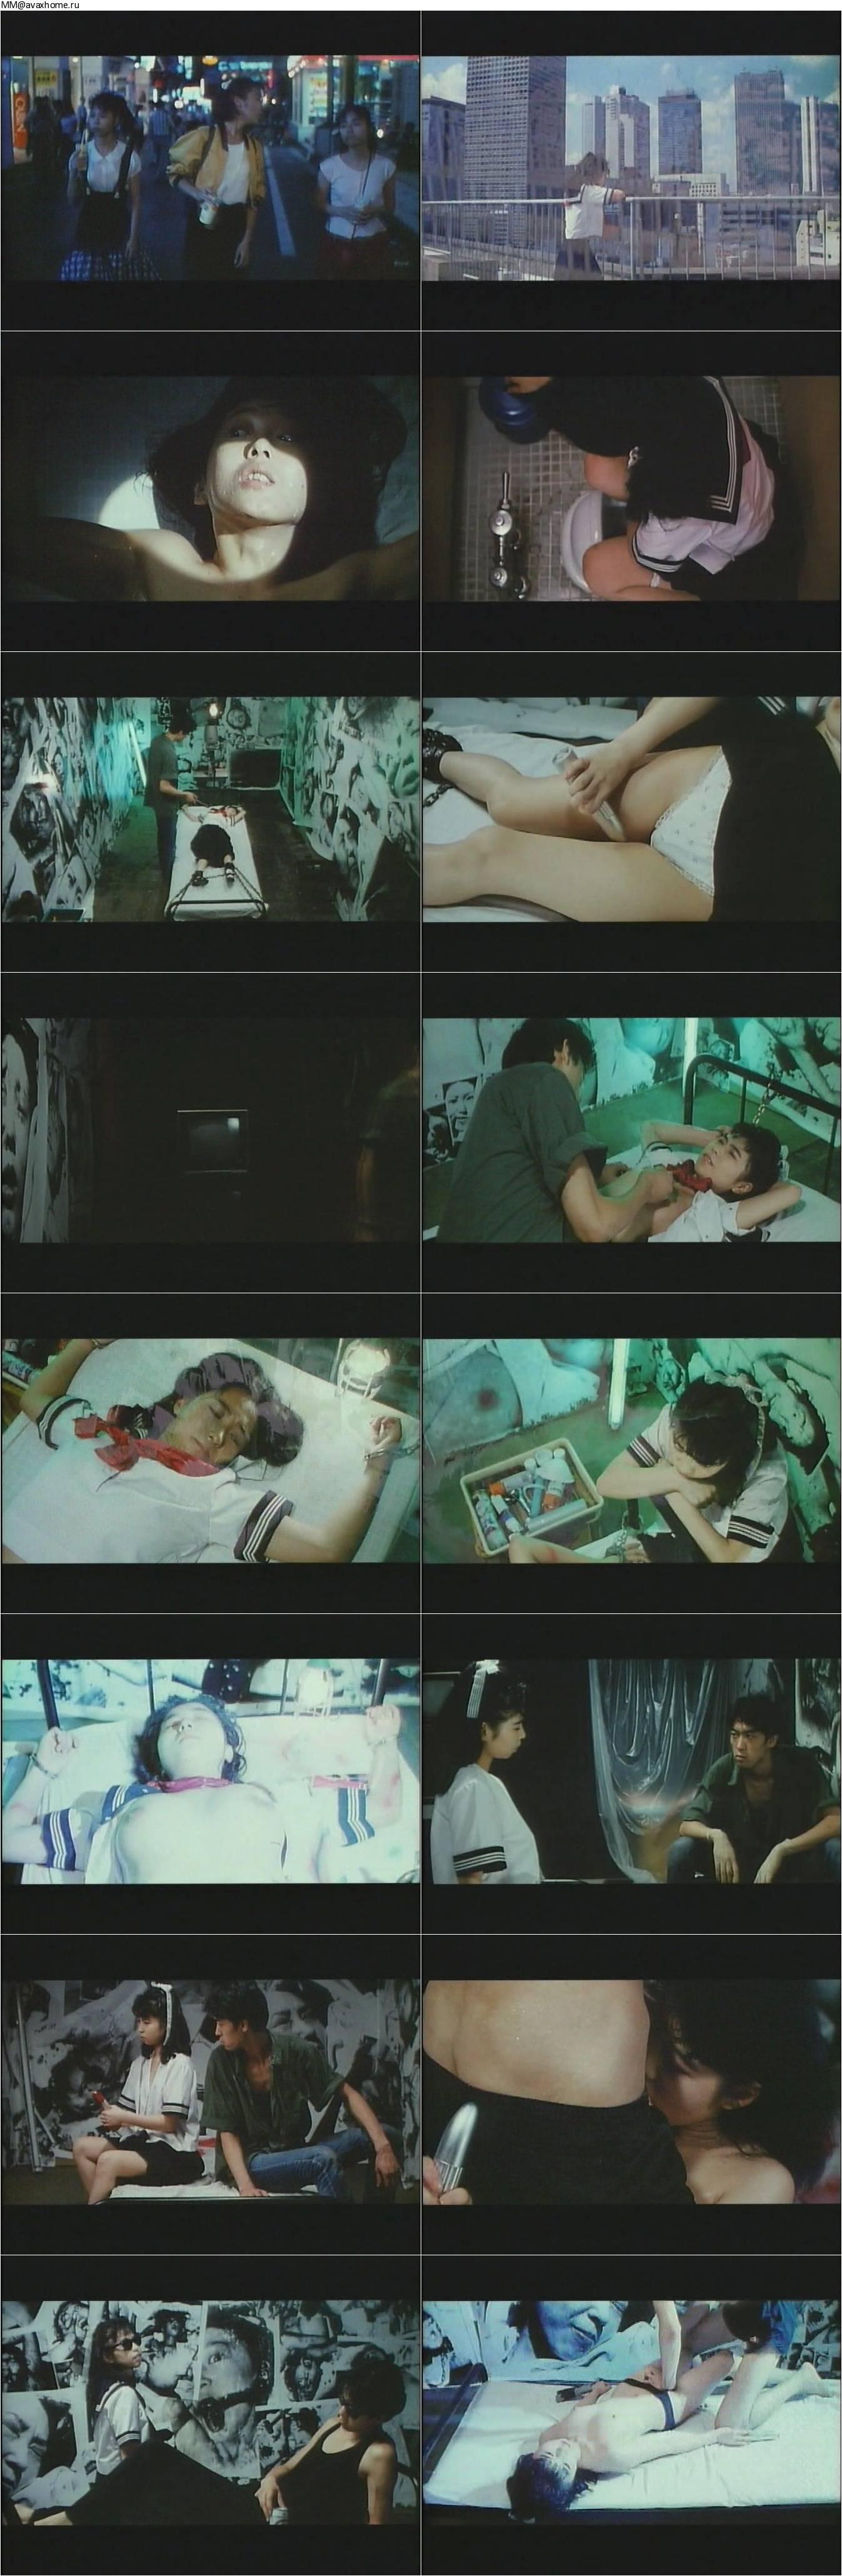 Lolita: Vibrator Torture (1987) Lolita vib-zeme